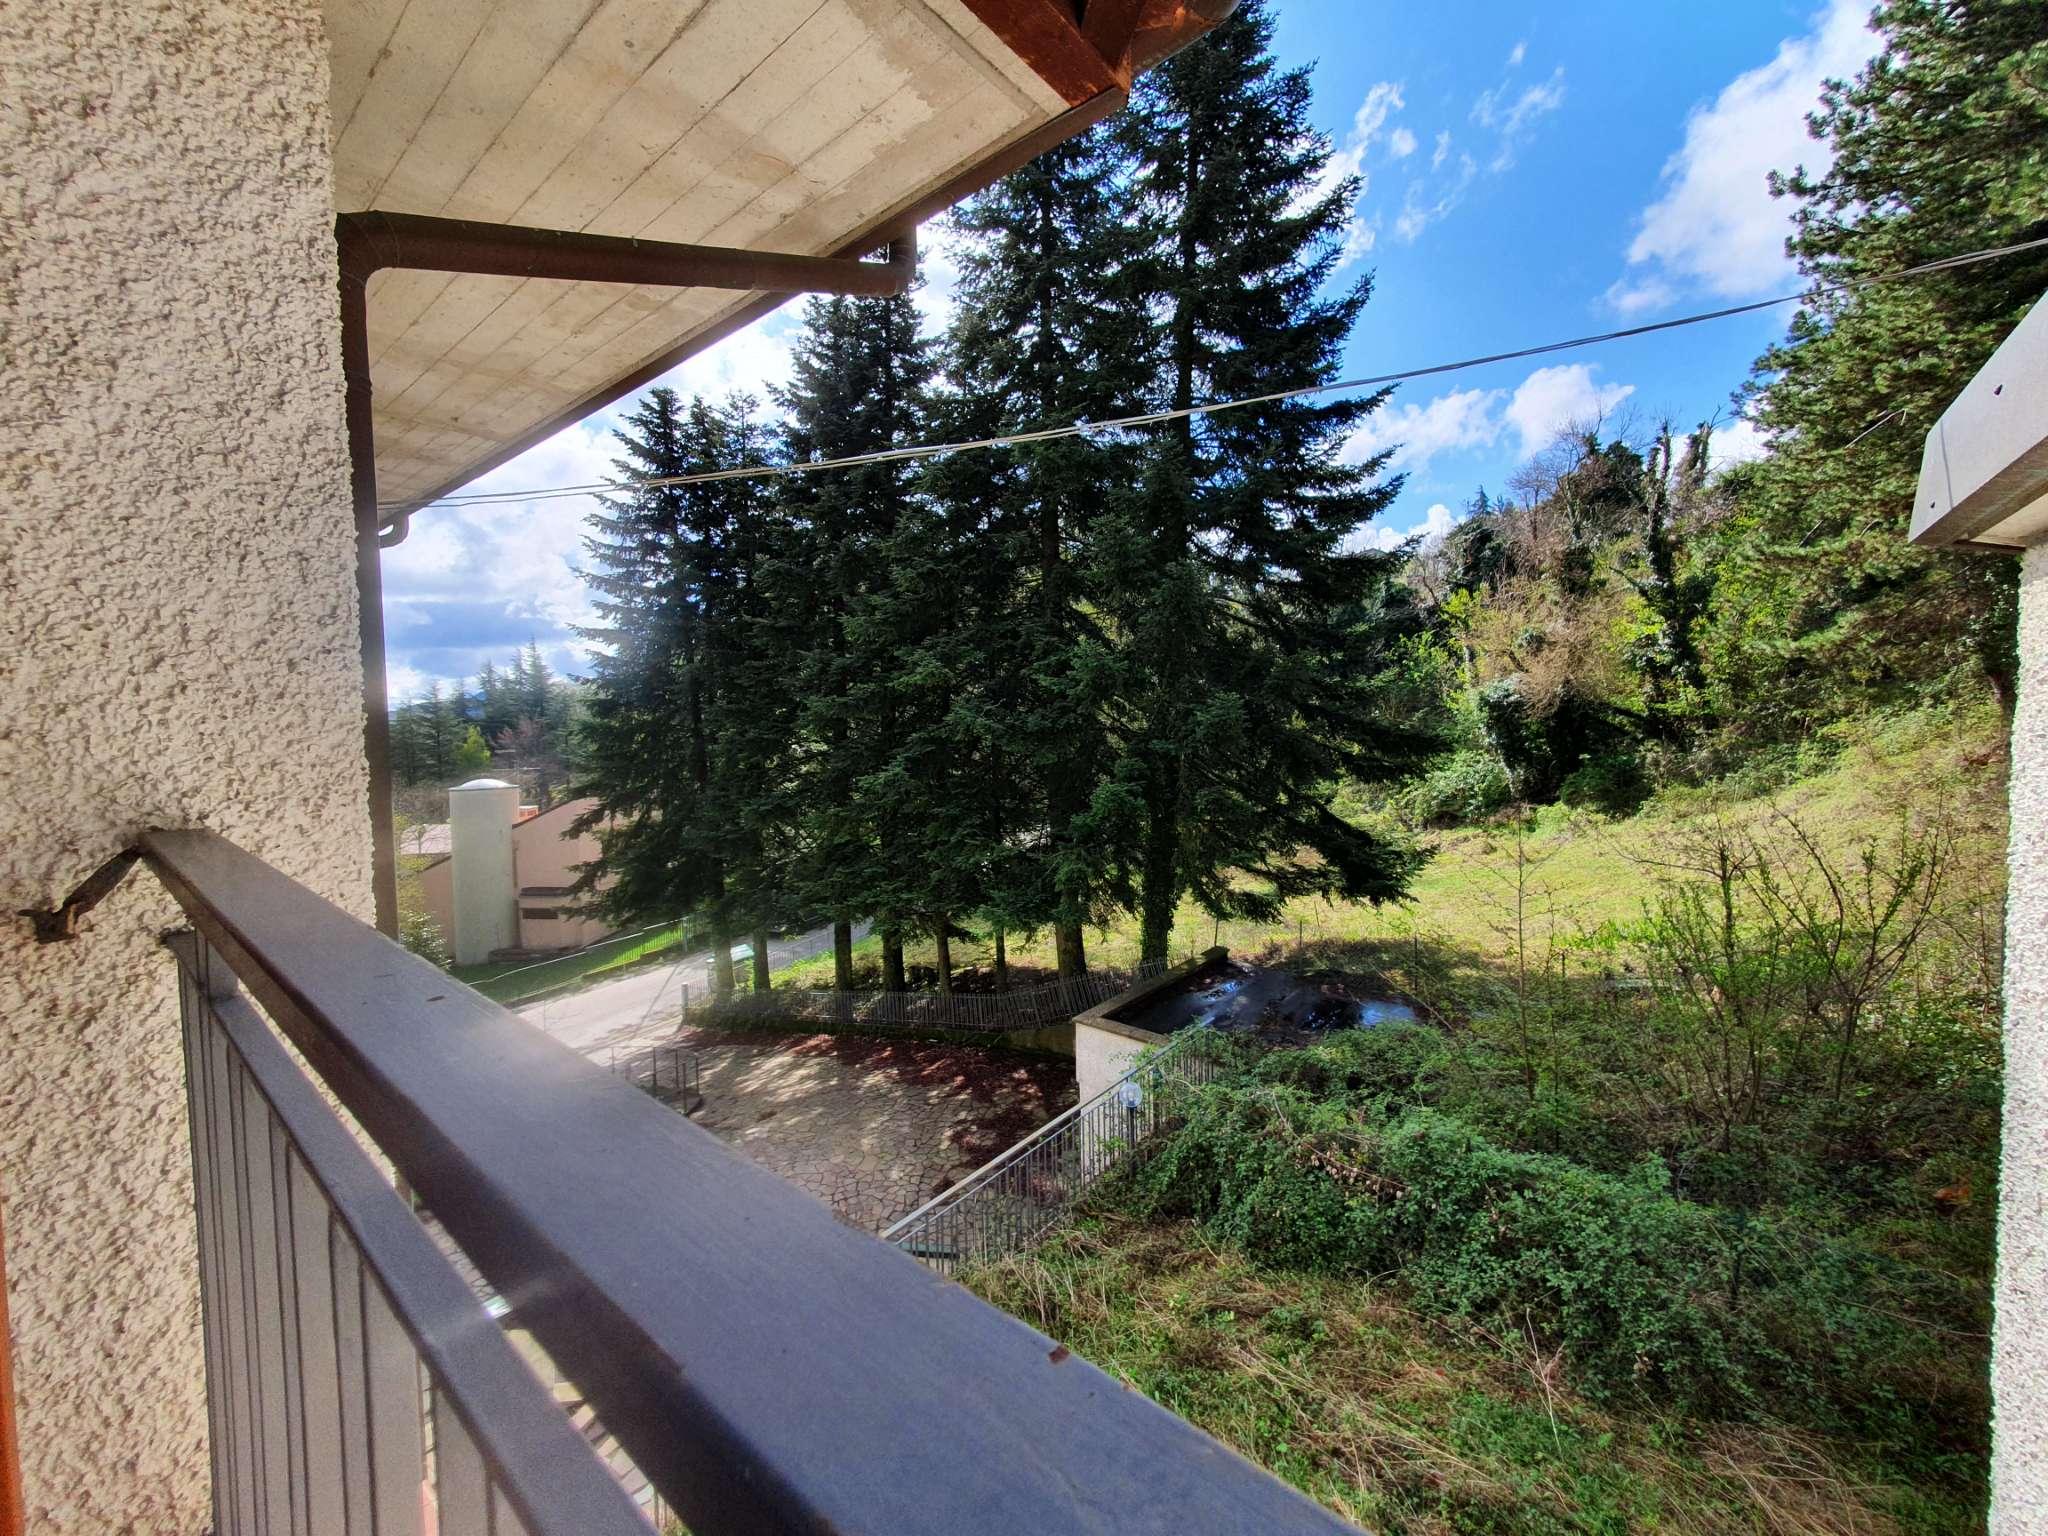 Appartamento in vendita a Monzuno, 4 locali, prezzo € 75.000 | PortaleAgenzieImmobiliari.it